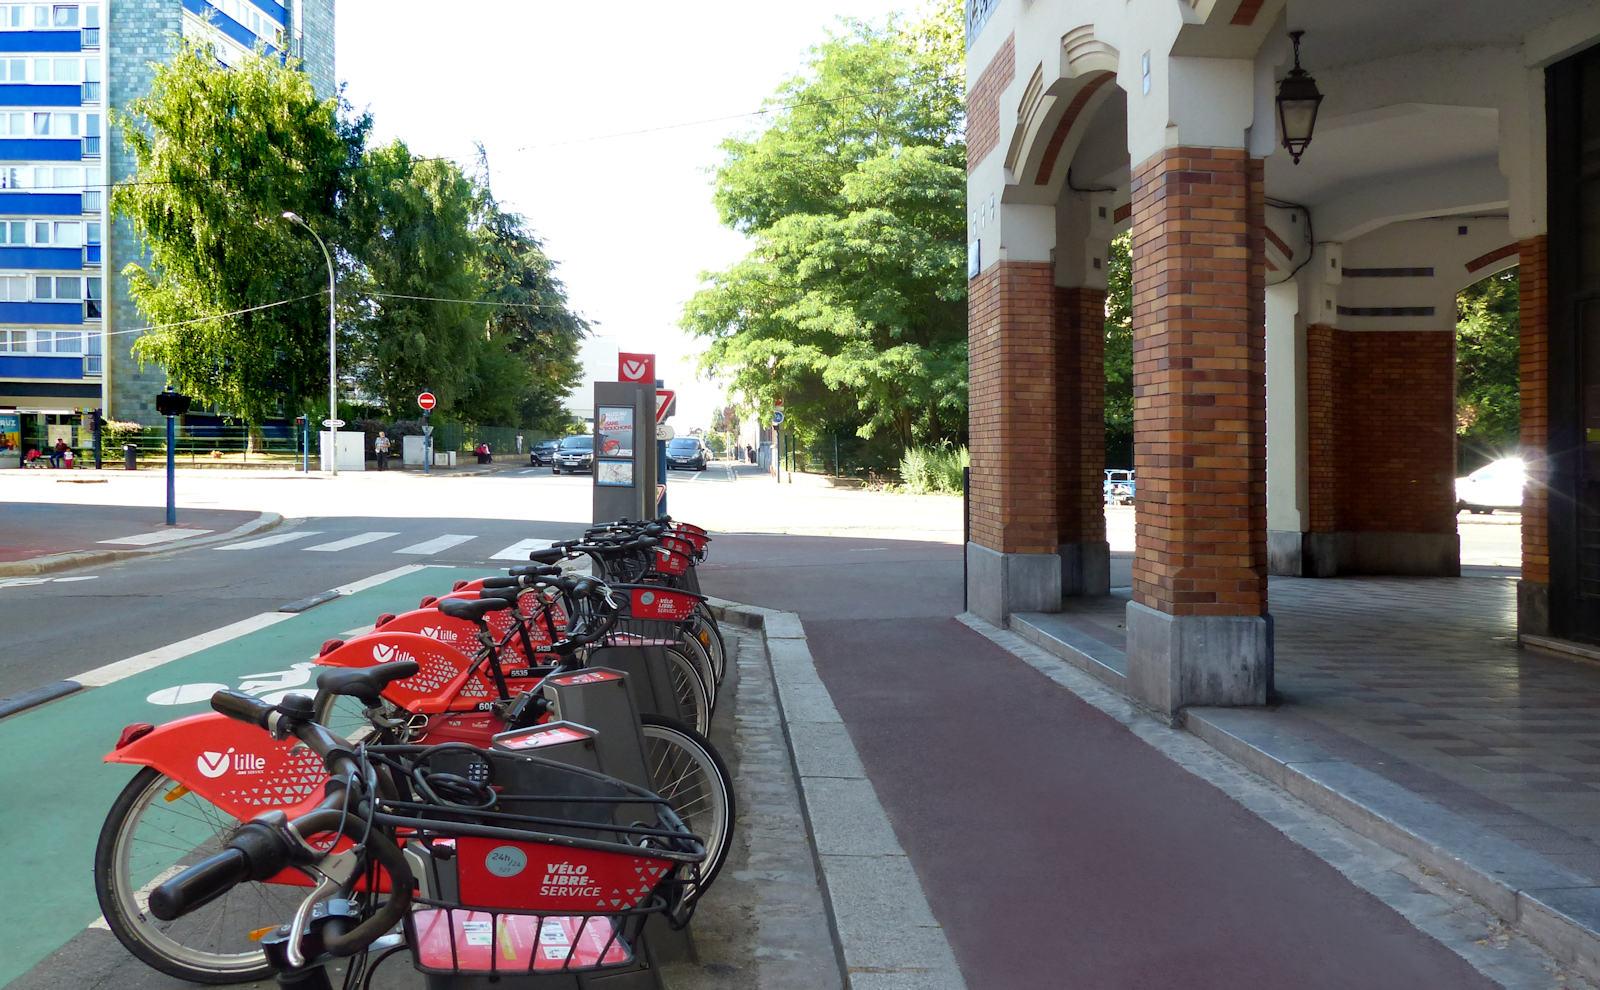 Station V'Lille Poste - Tourcoing